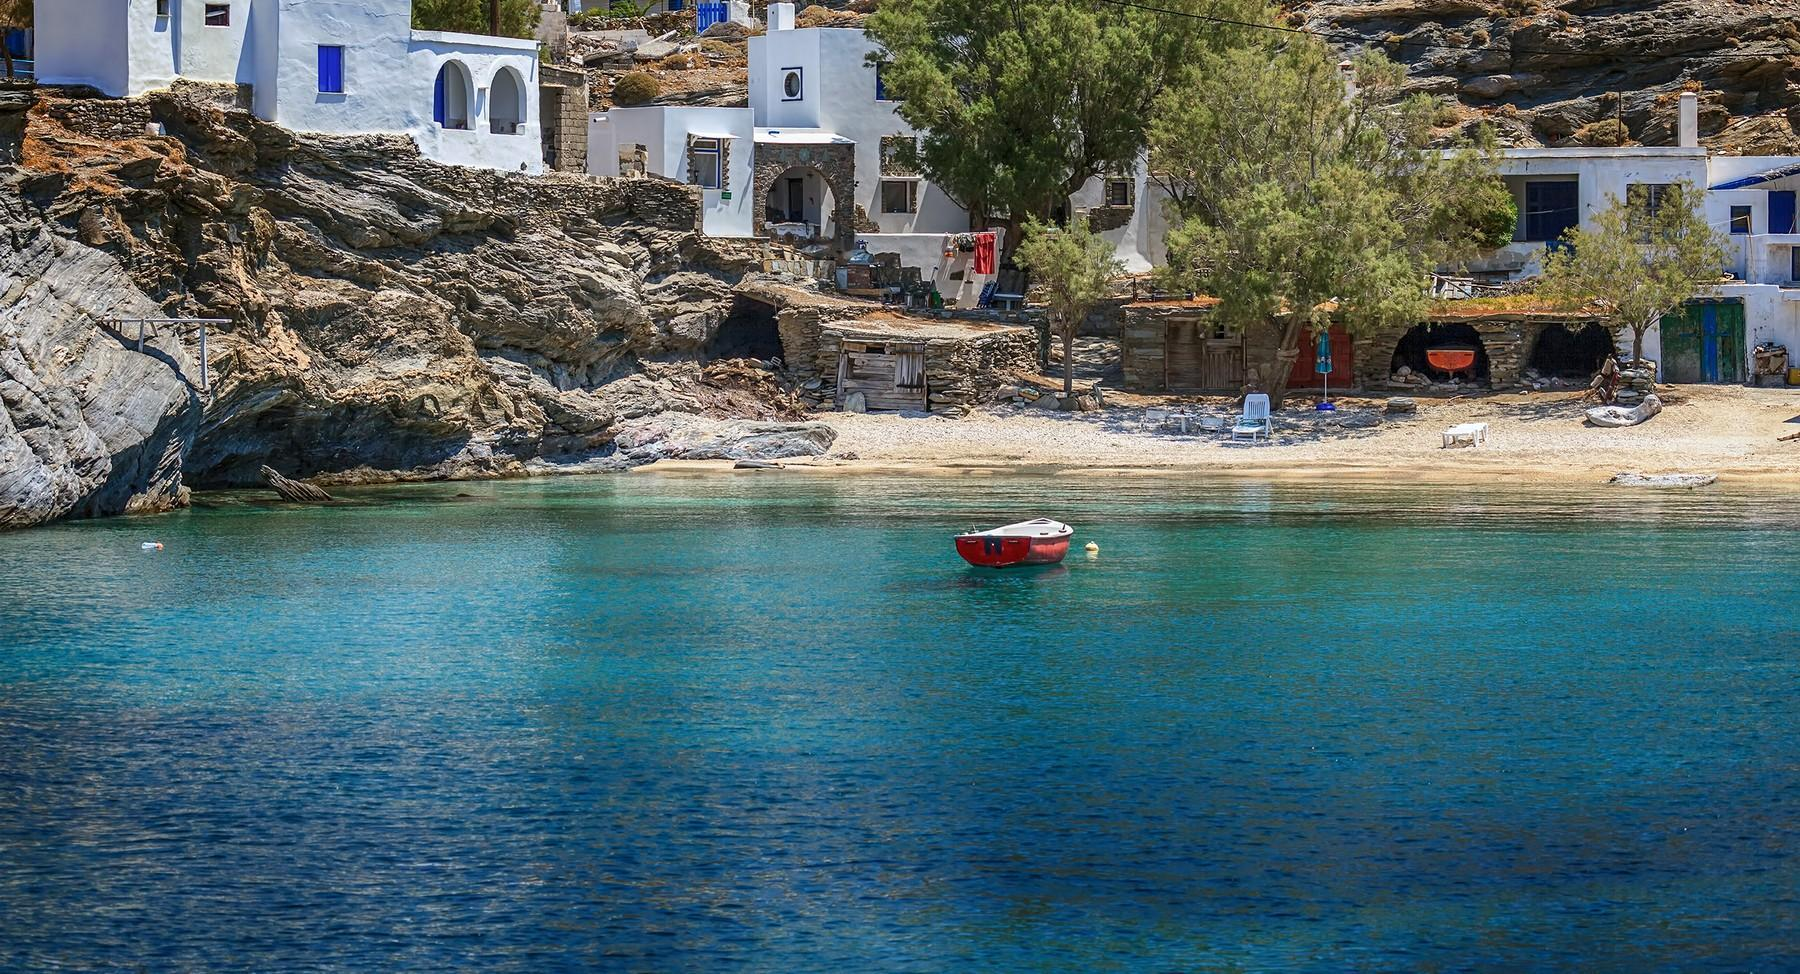 Το ελληνικό νησί που προτείνουν οι New York Times για διακοπές μακριά από τα πλήθη